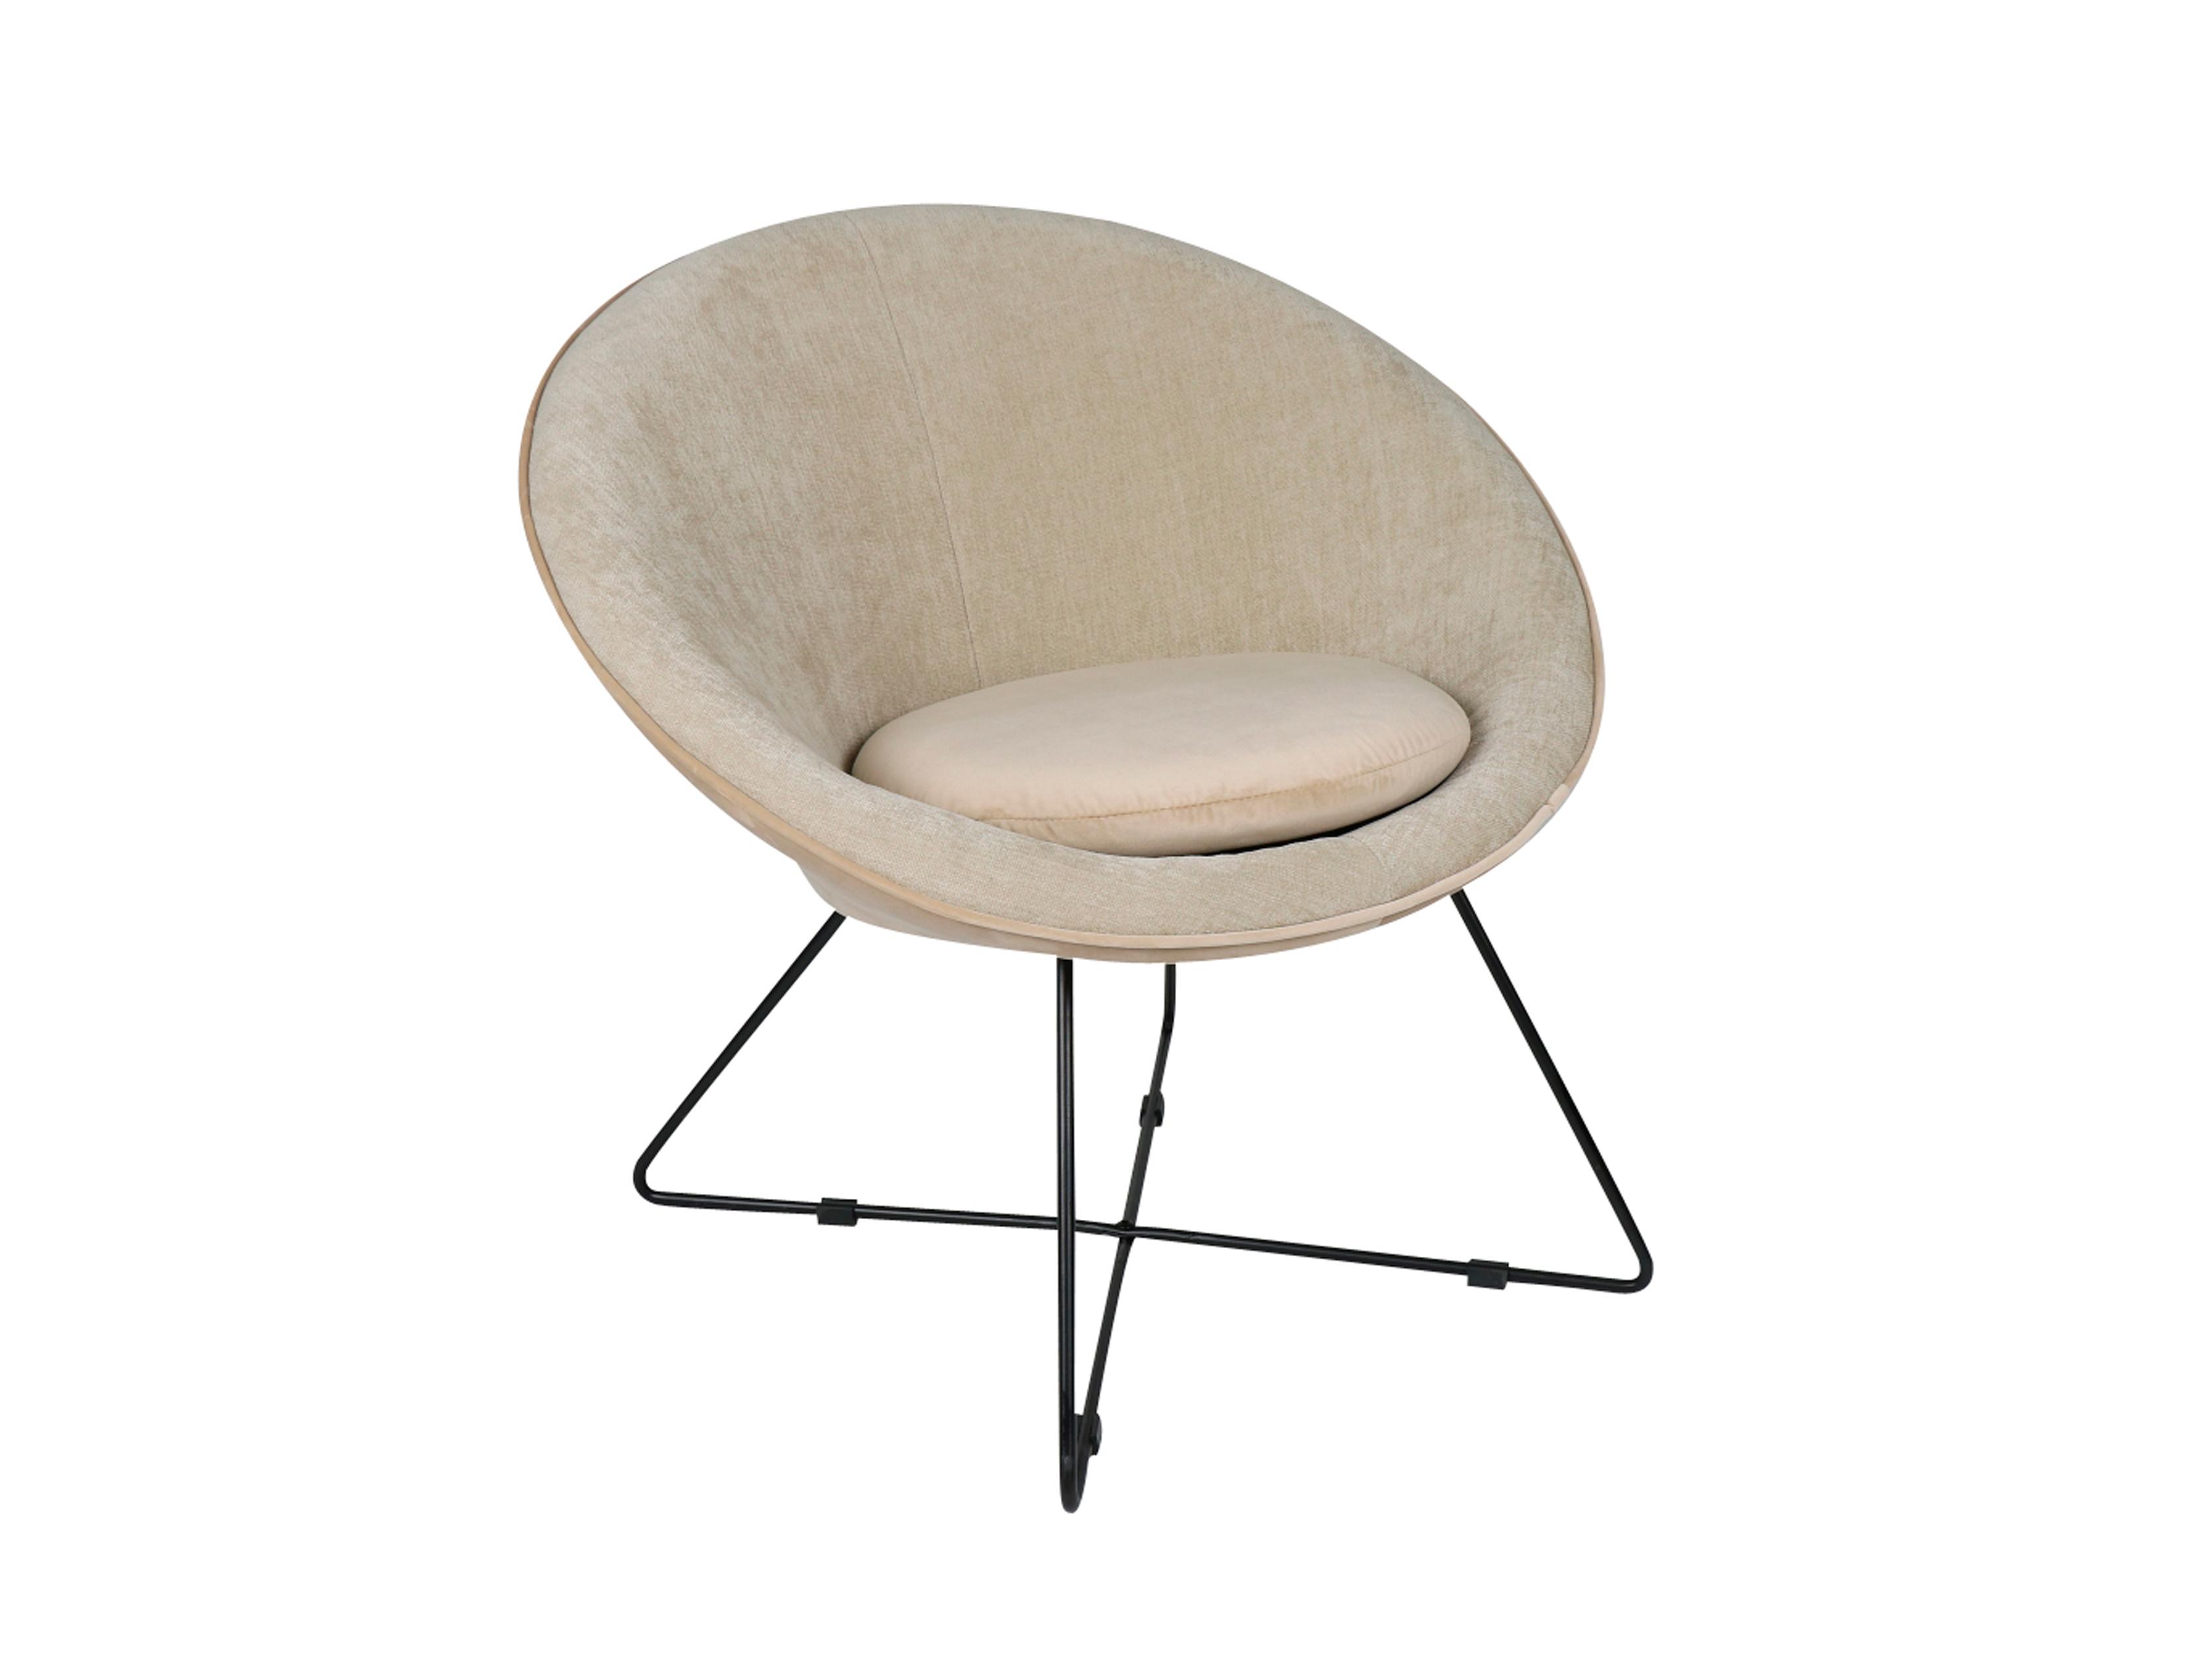 Fauteuil garbo gebroken wit beige deba meubelen